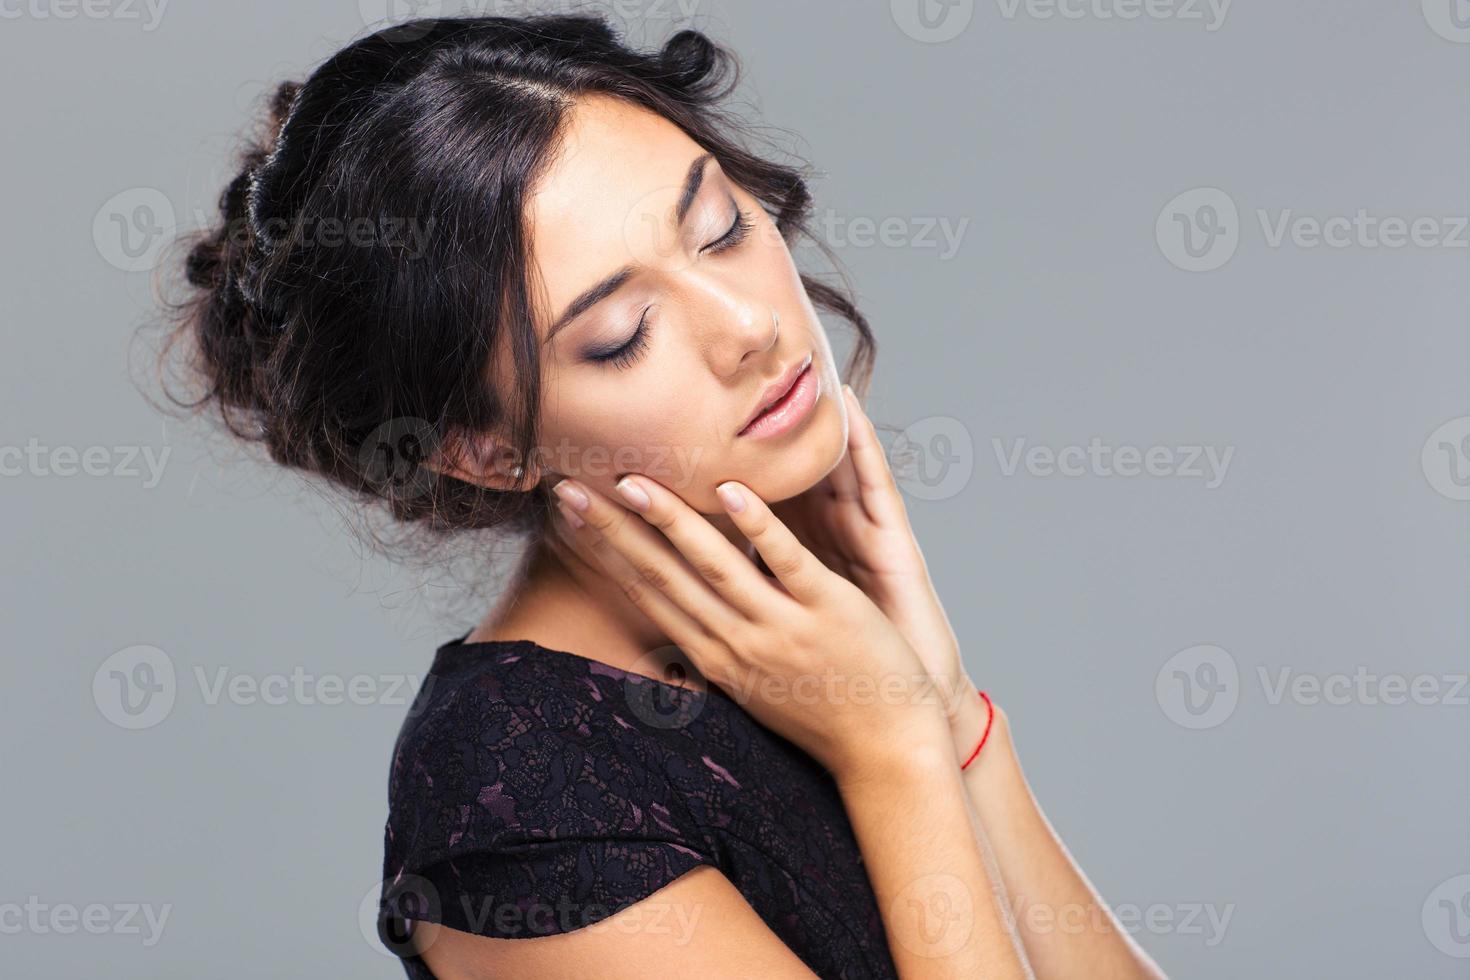 Ritratto di bellezza di una donna carina con gli occhi chiusi foto